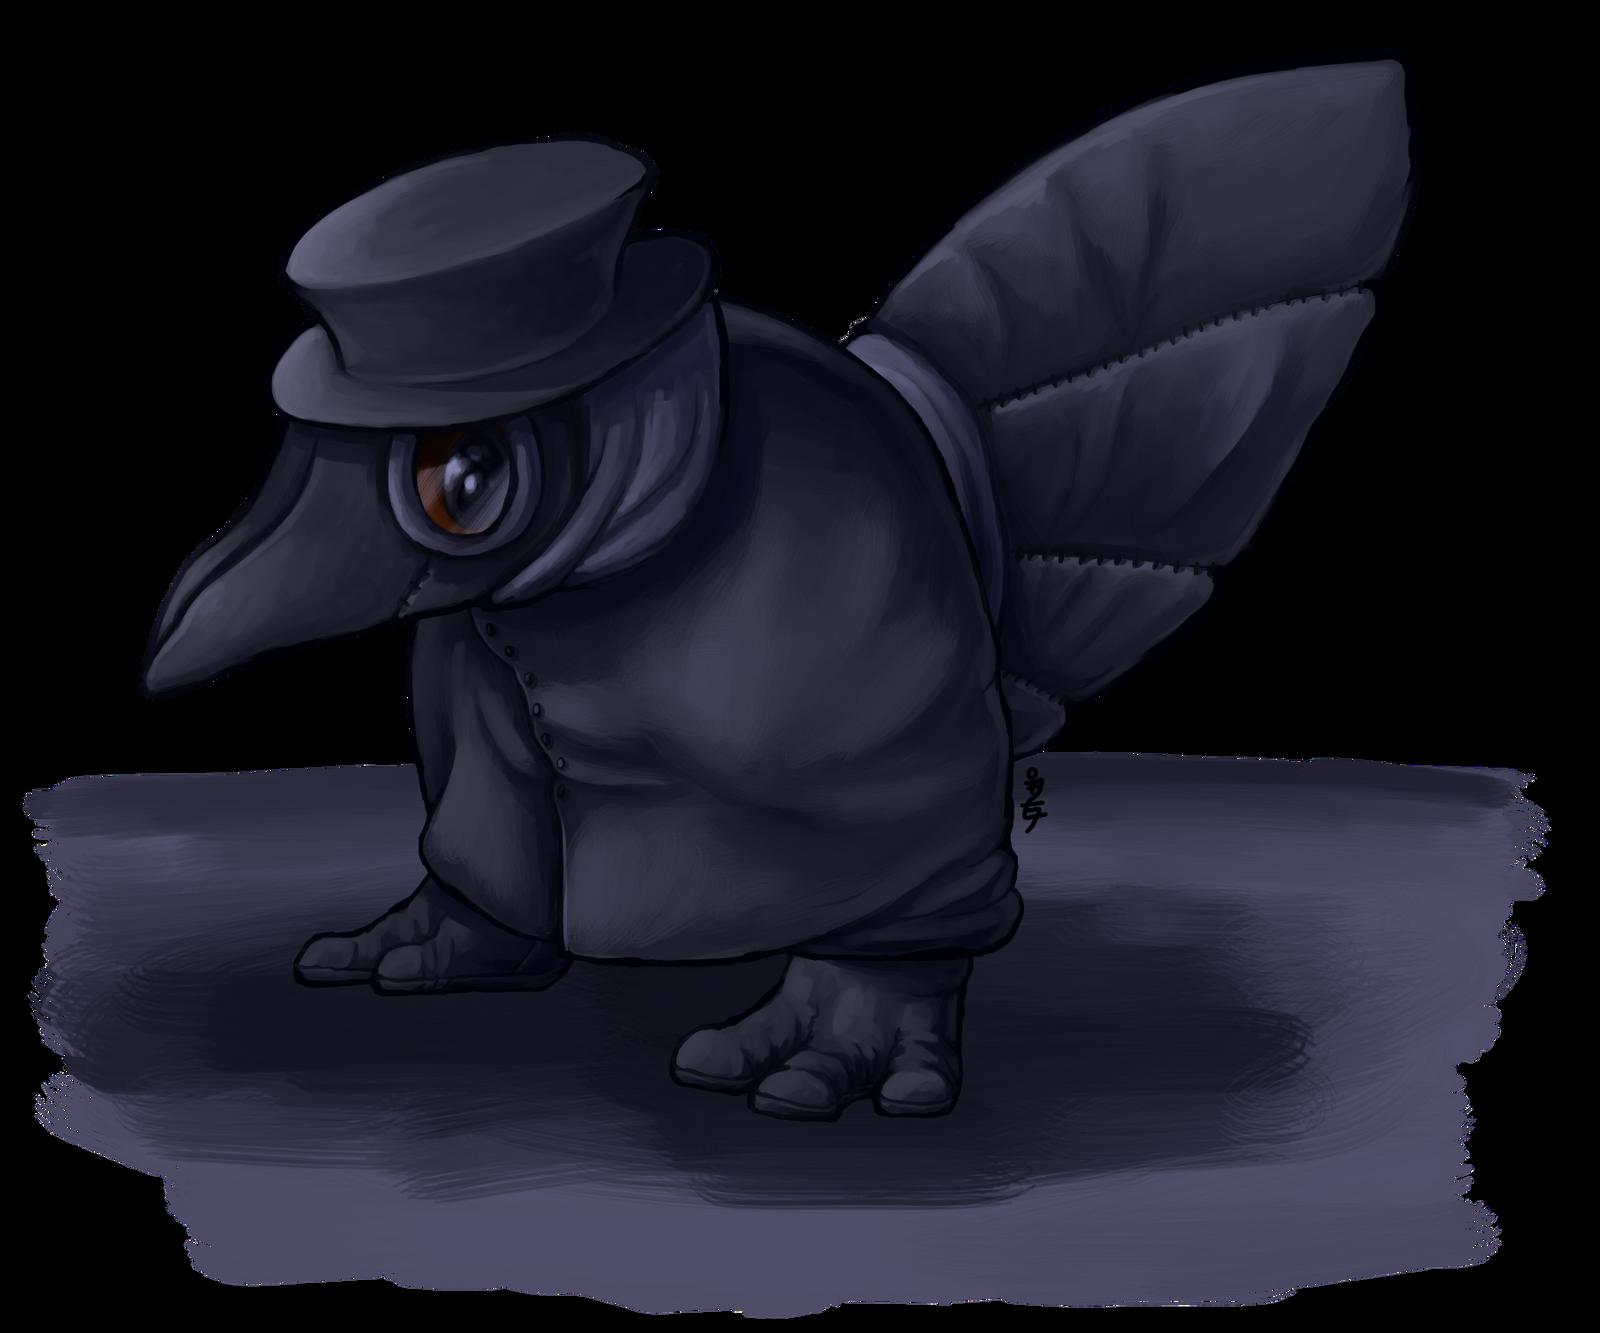 Cute Little Plague Doctor By Nickala On Deviantart